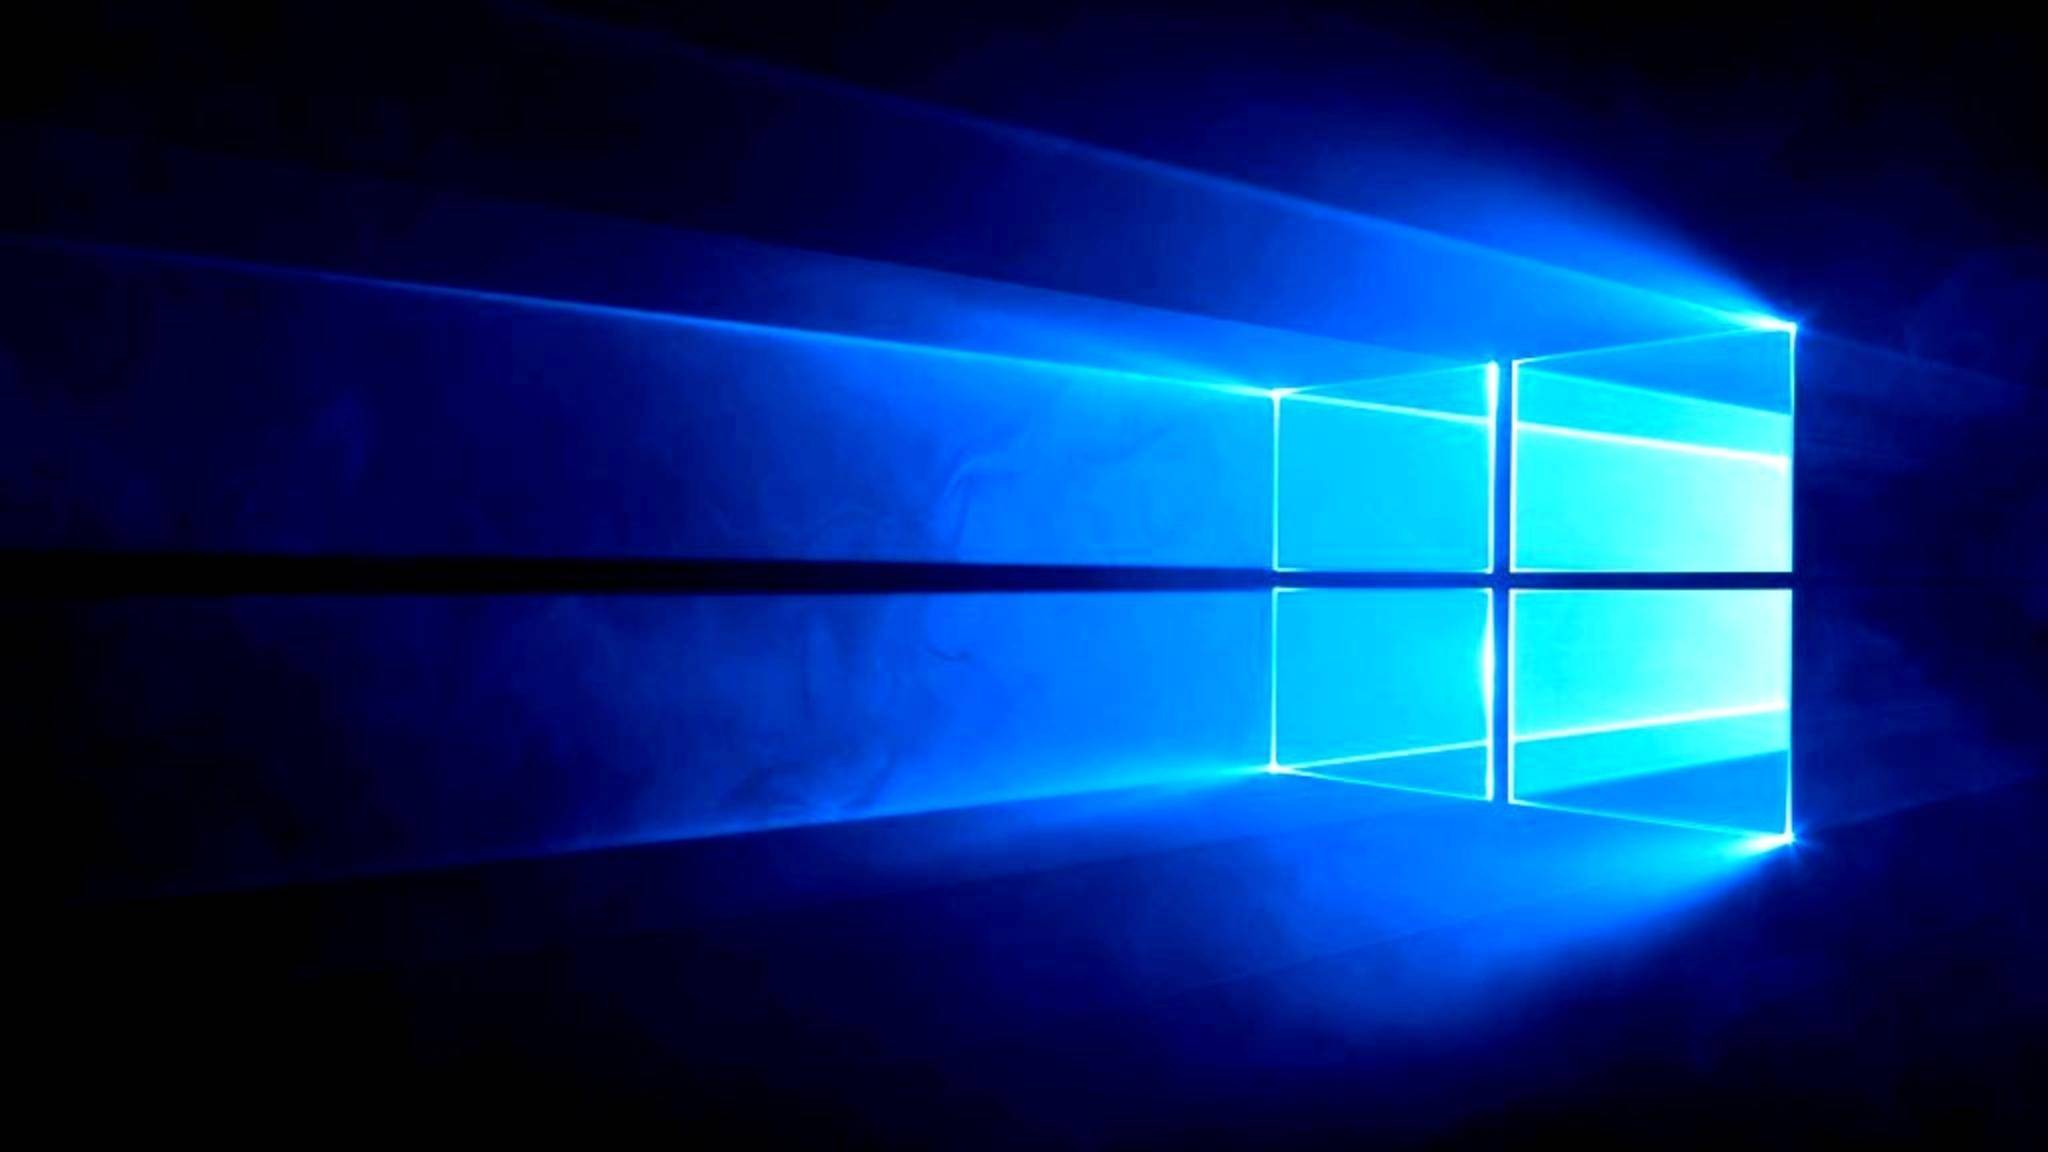 Kommt Windows 11 und wenn ja, wann?